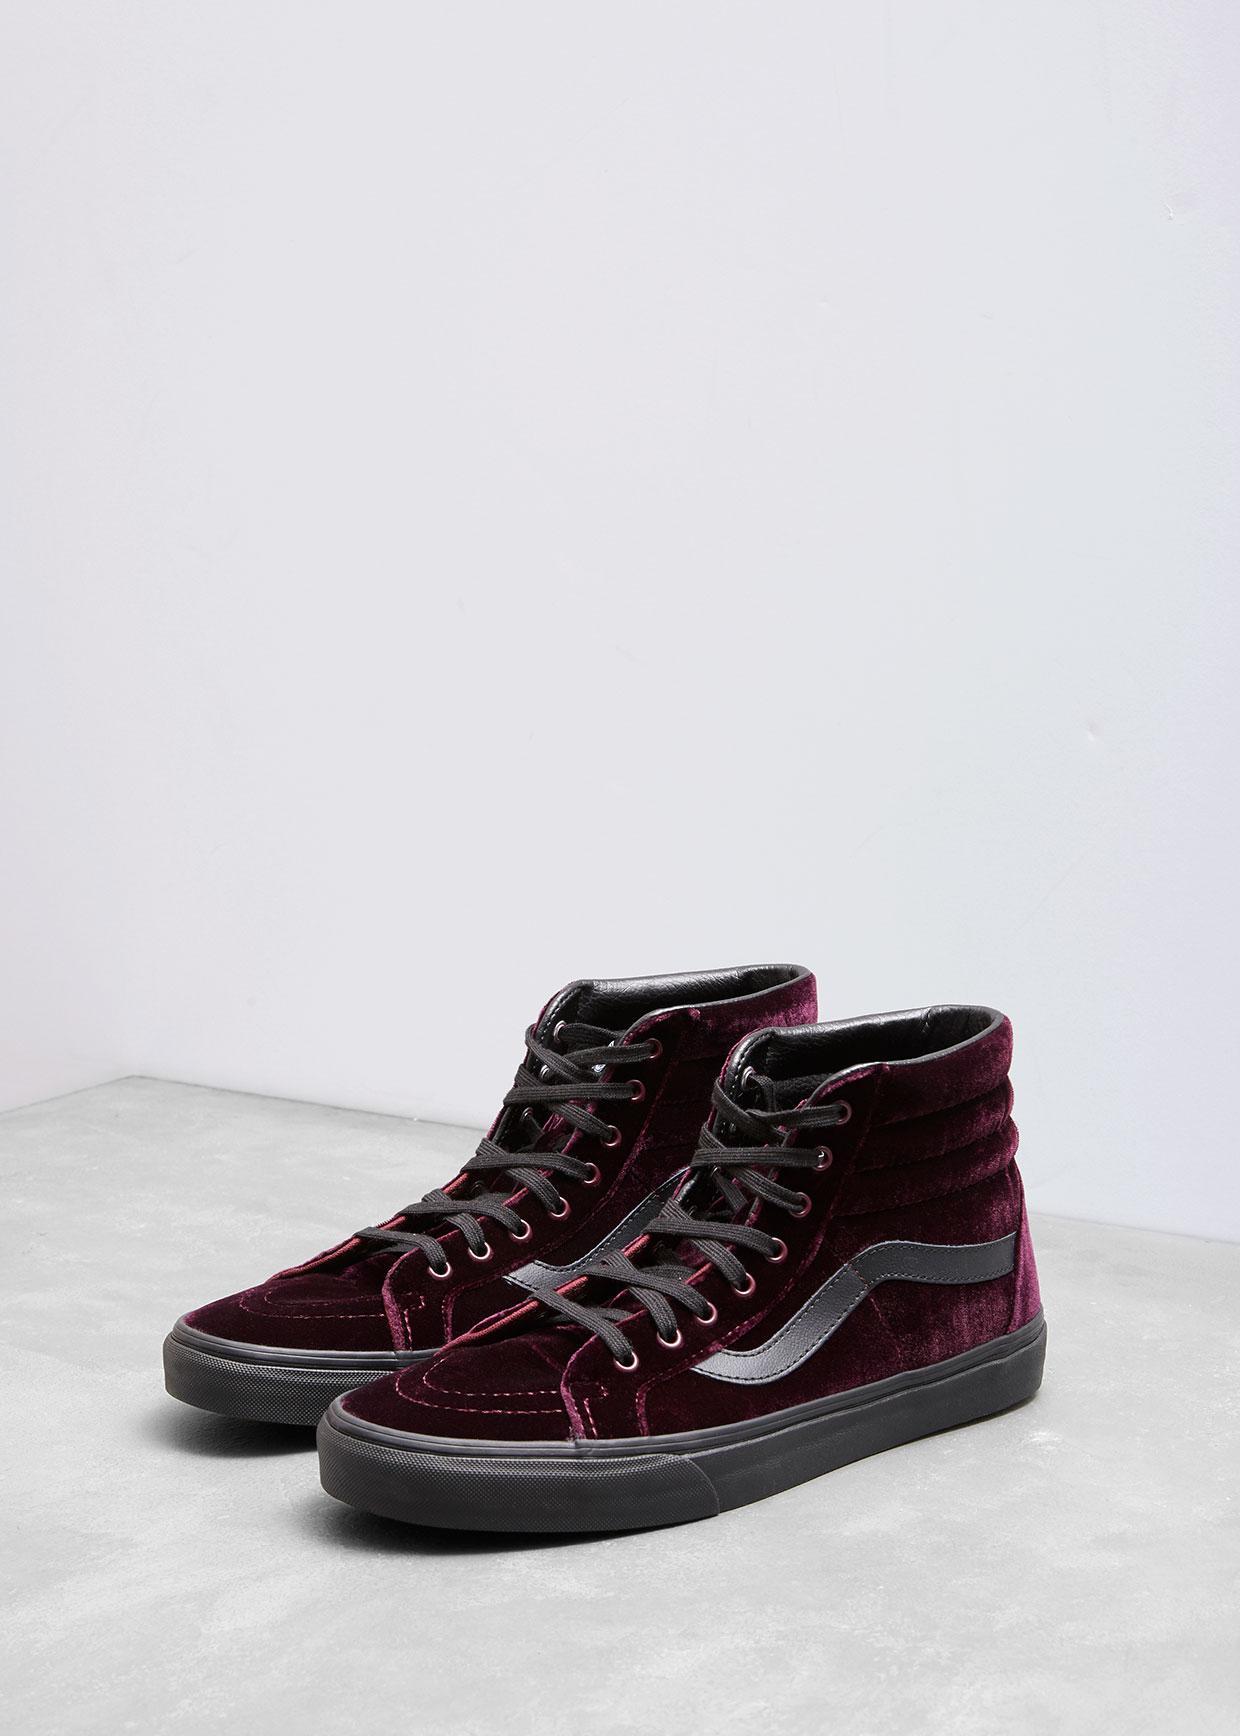 95a52295f6e Lyst - Vans Velvet Sk8-hi Reissue Sneakers for Men